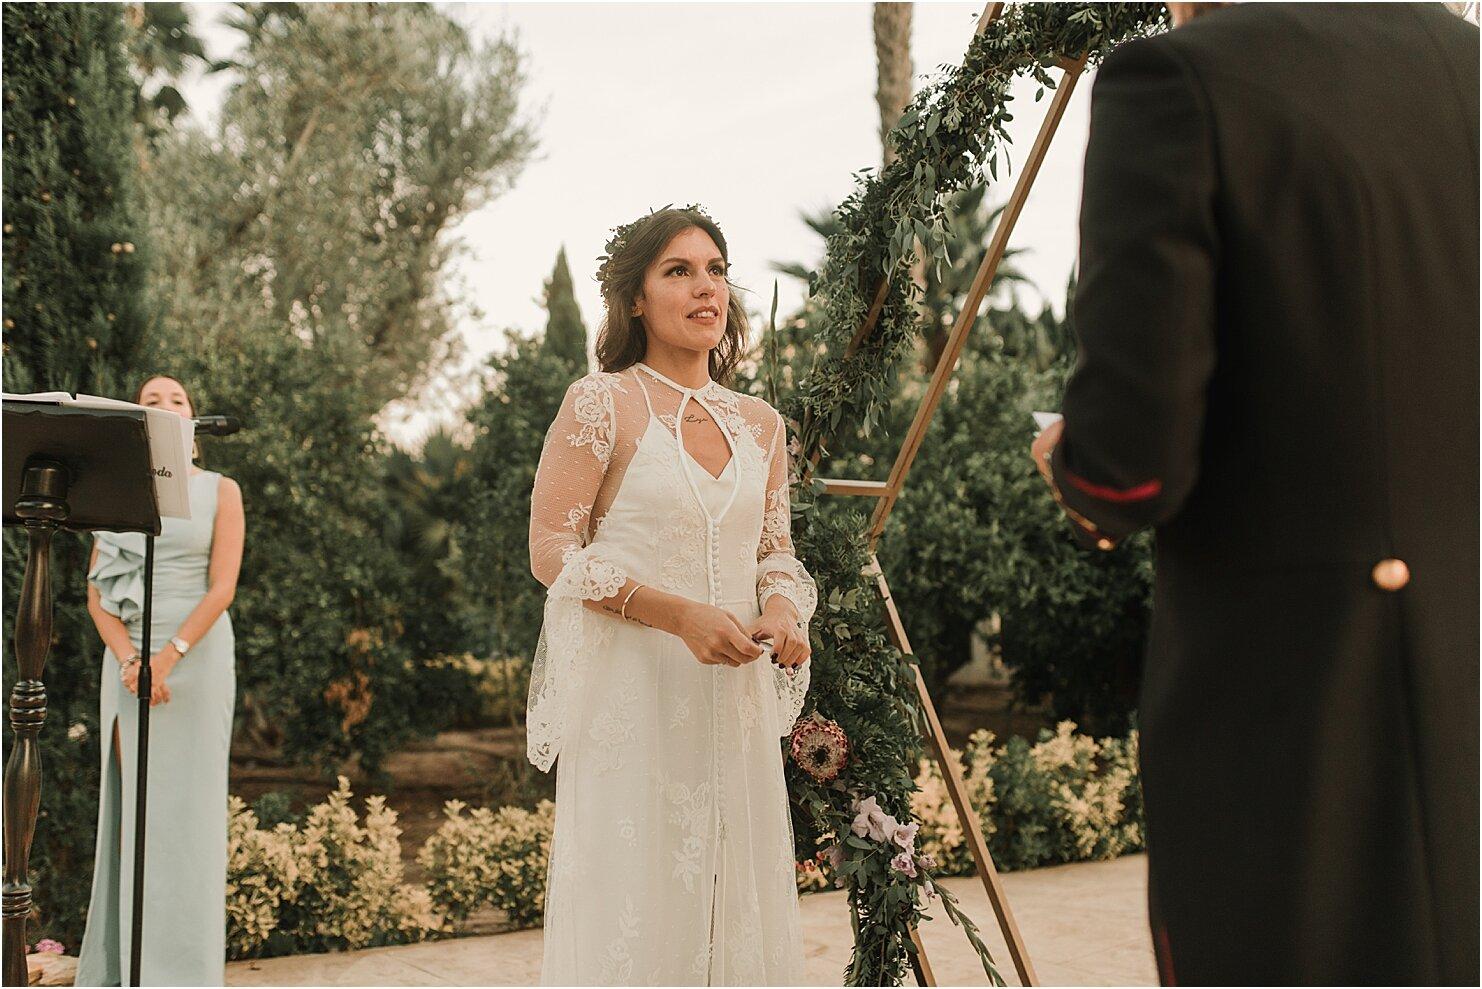 boda-romantica-boda-boho-vestido-de-novia-laura-lomas29.jpg